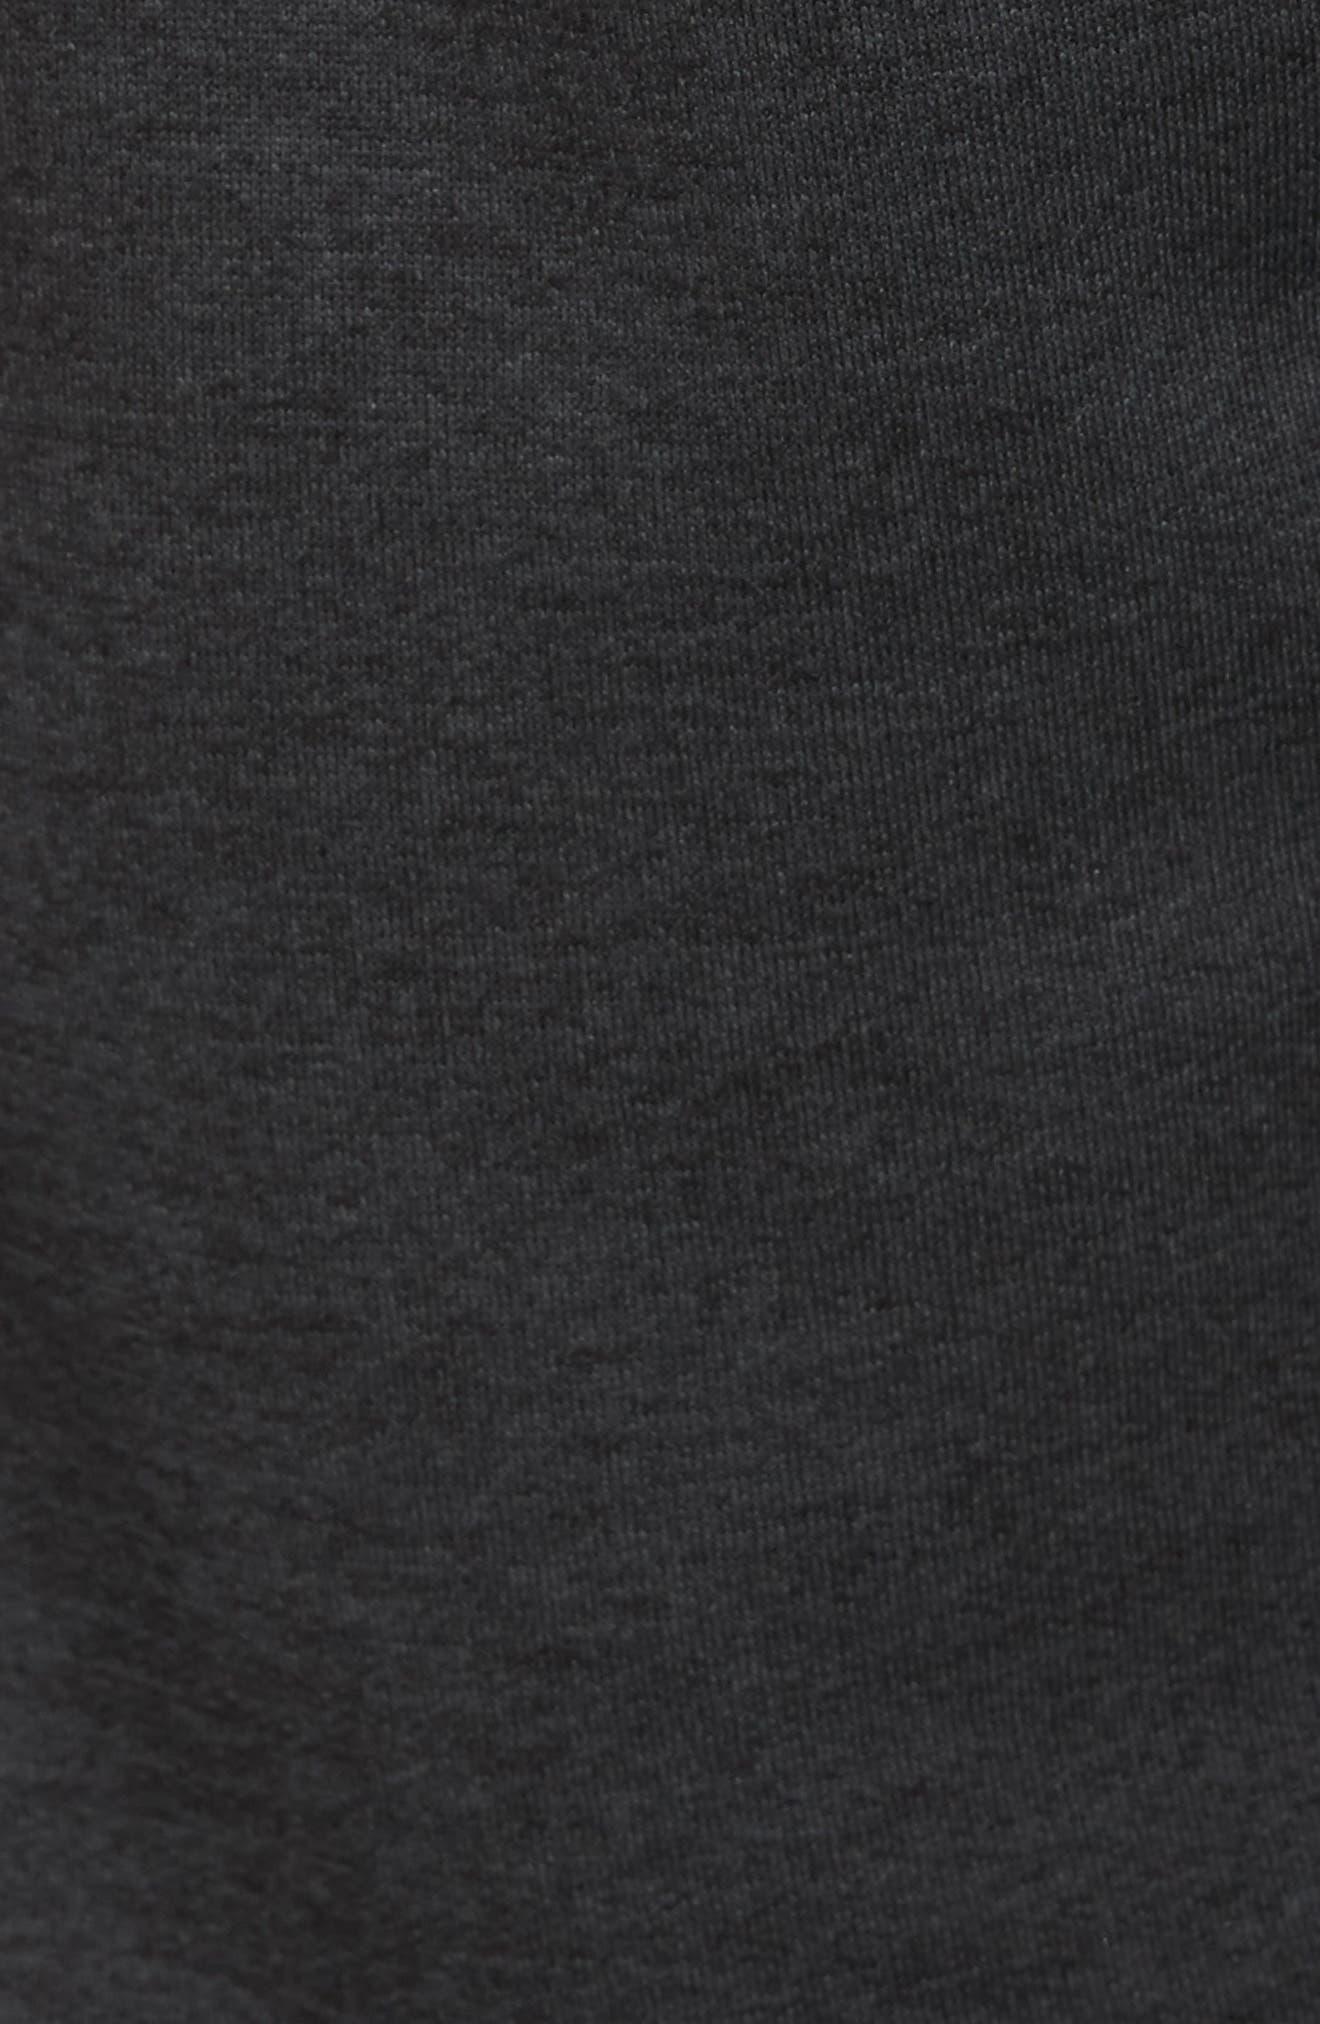 Dri-FIT Solar Shorts,                             Alternate thumbnail 5, color,                             Black